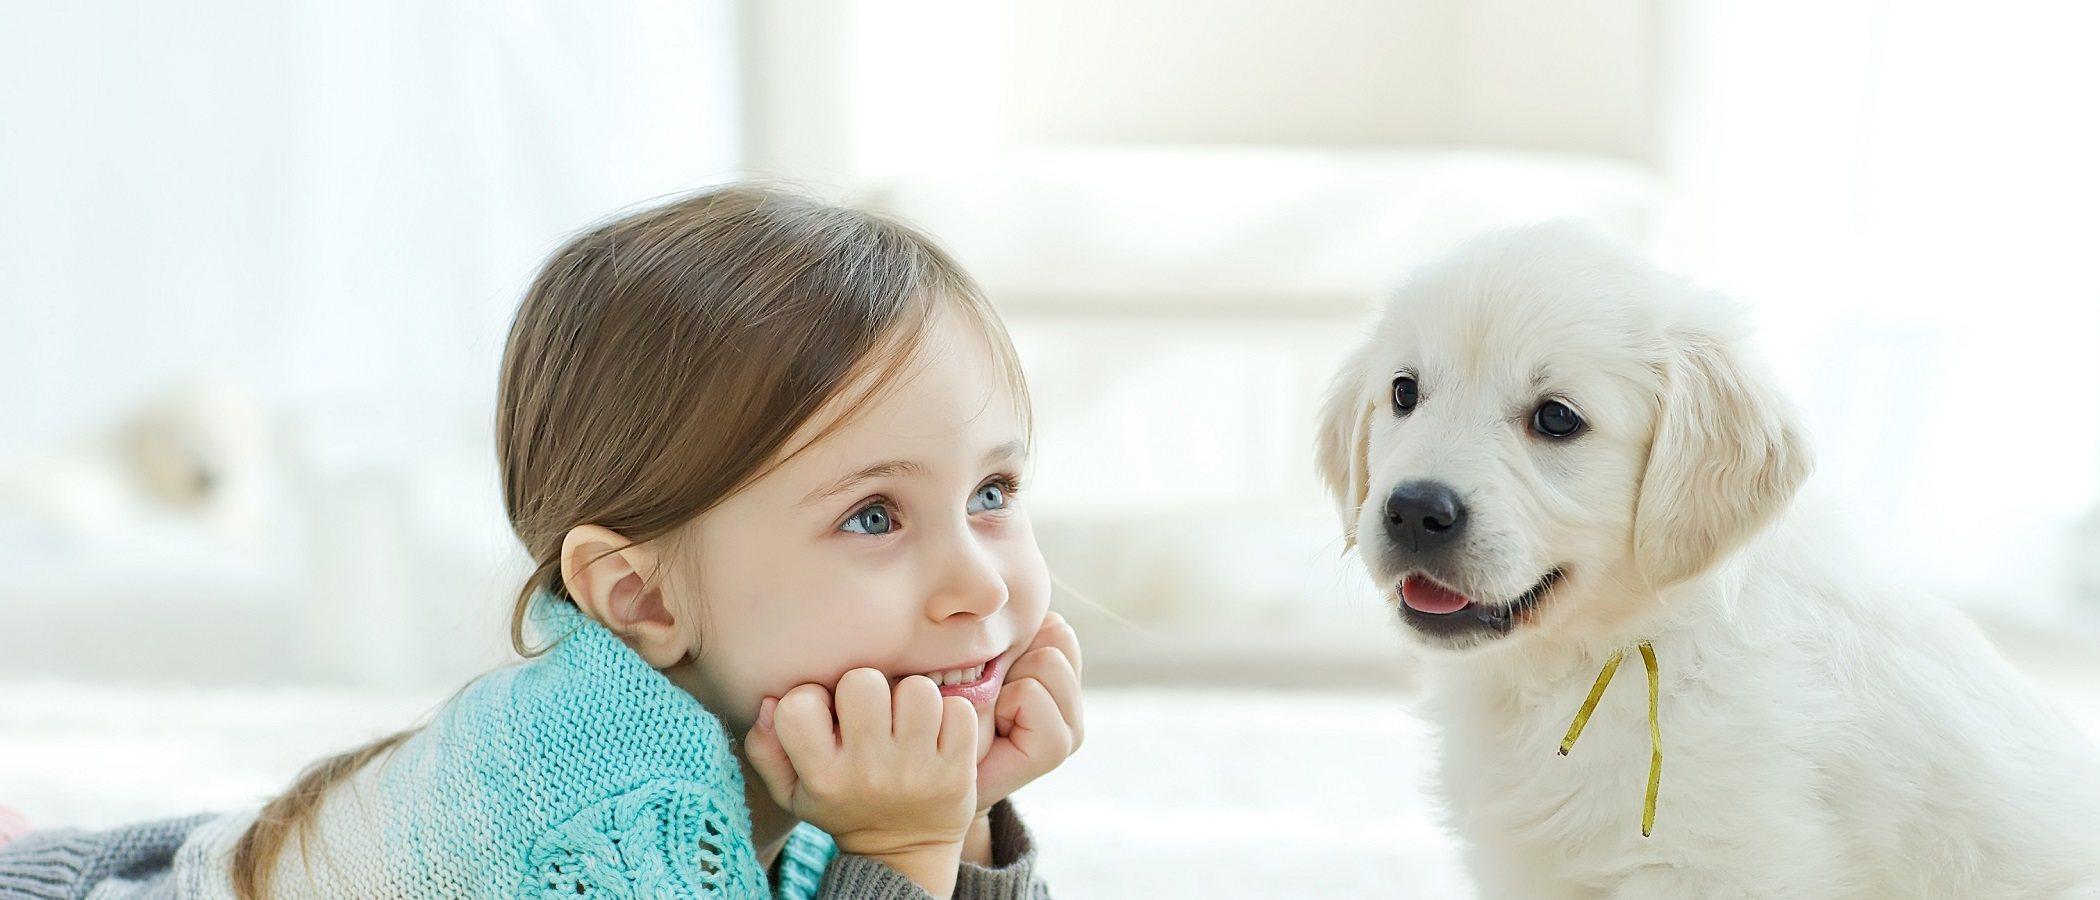 Consejos familiares para cuidar a la mascota durante el COVID-19